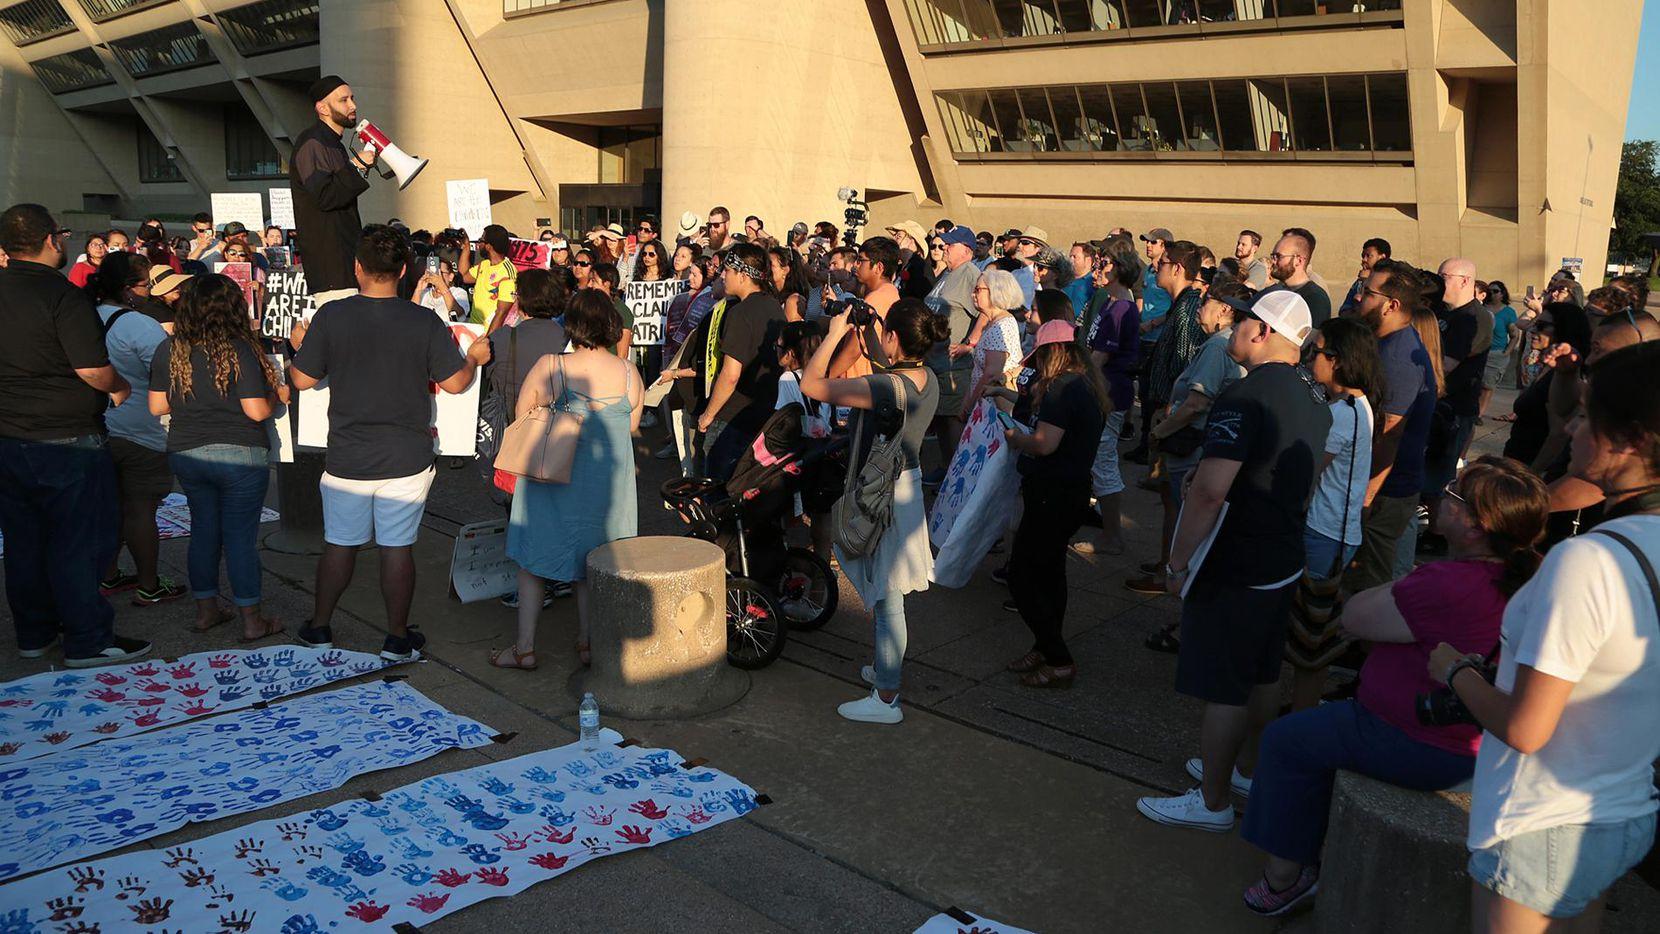 Decenas de personas participaron recientemente de una protesta a favor de los inmigrantes al pie de la alcaldía. El jueves se realizará una nueva protesta en contra de la separación de familias en la frontera.